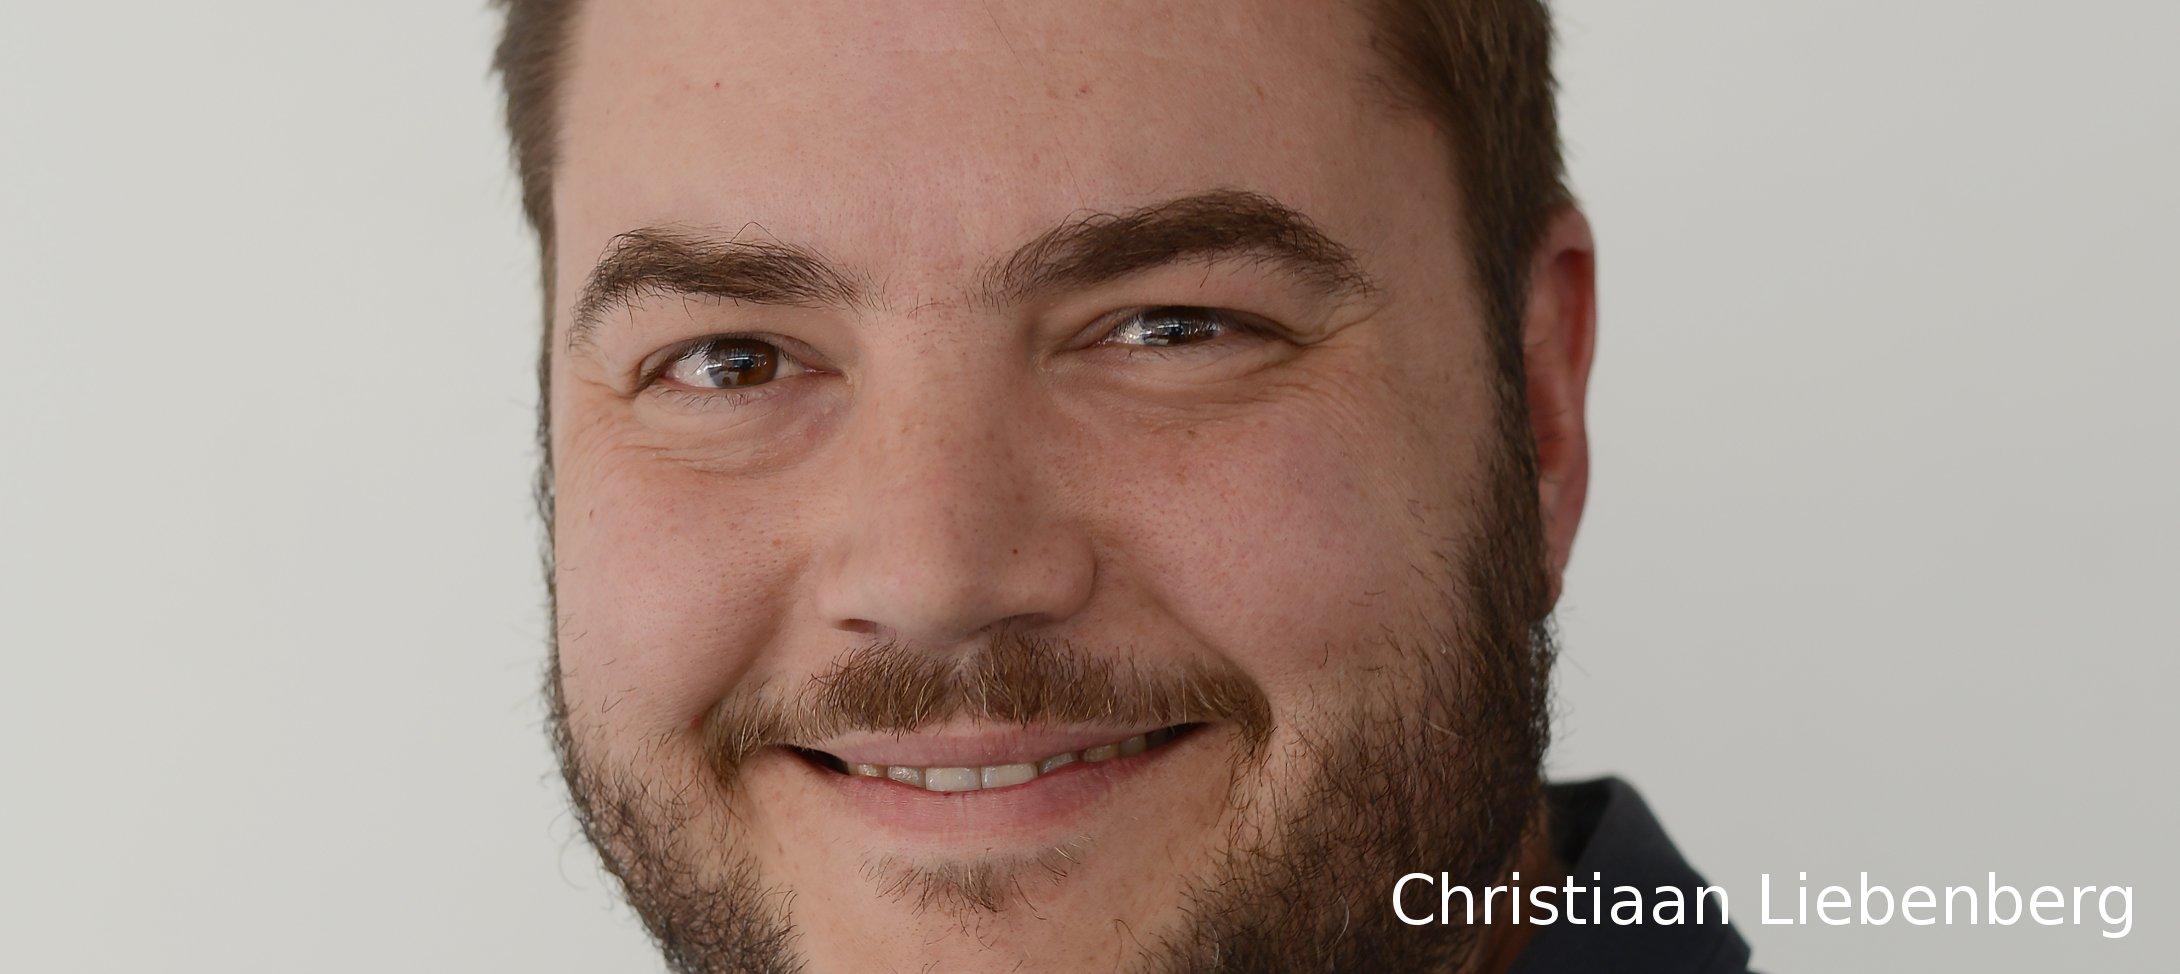 Christiaan Liebenberg